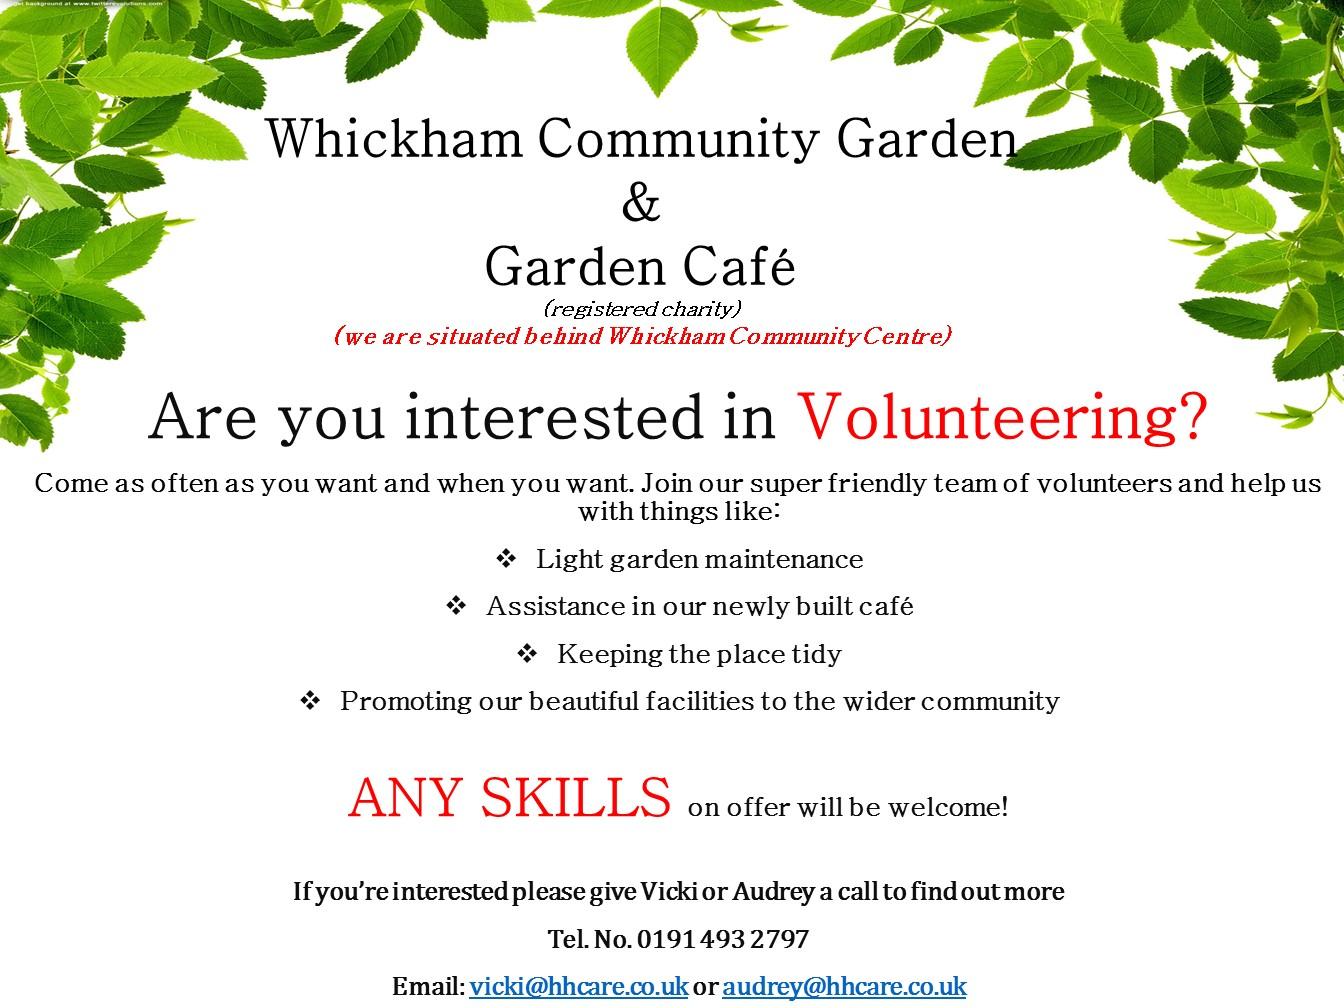 Volunteer at Whickham Garden